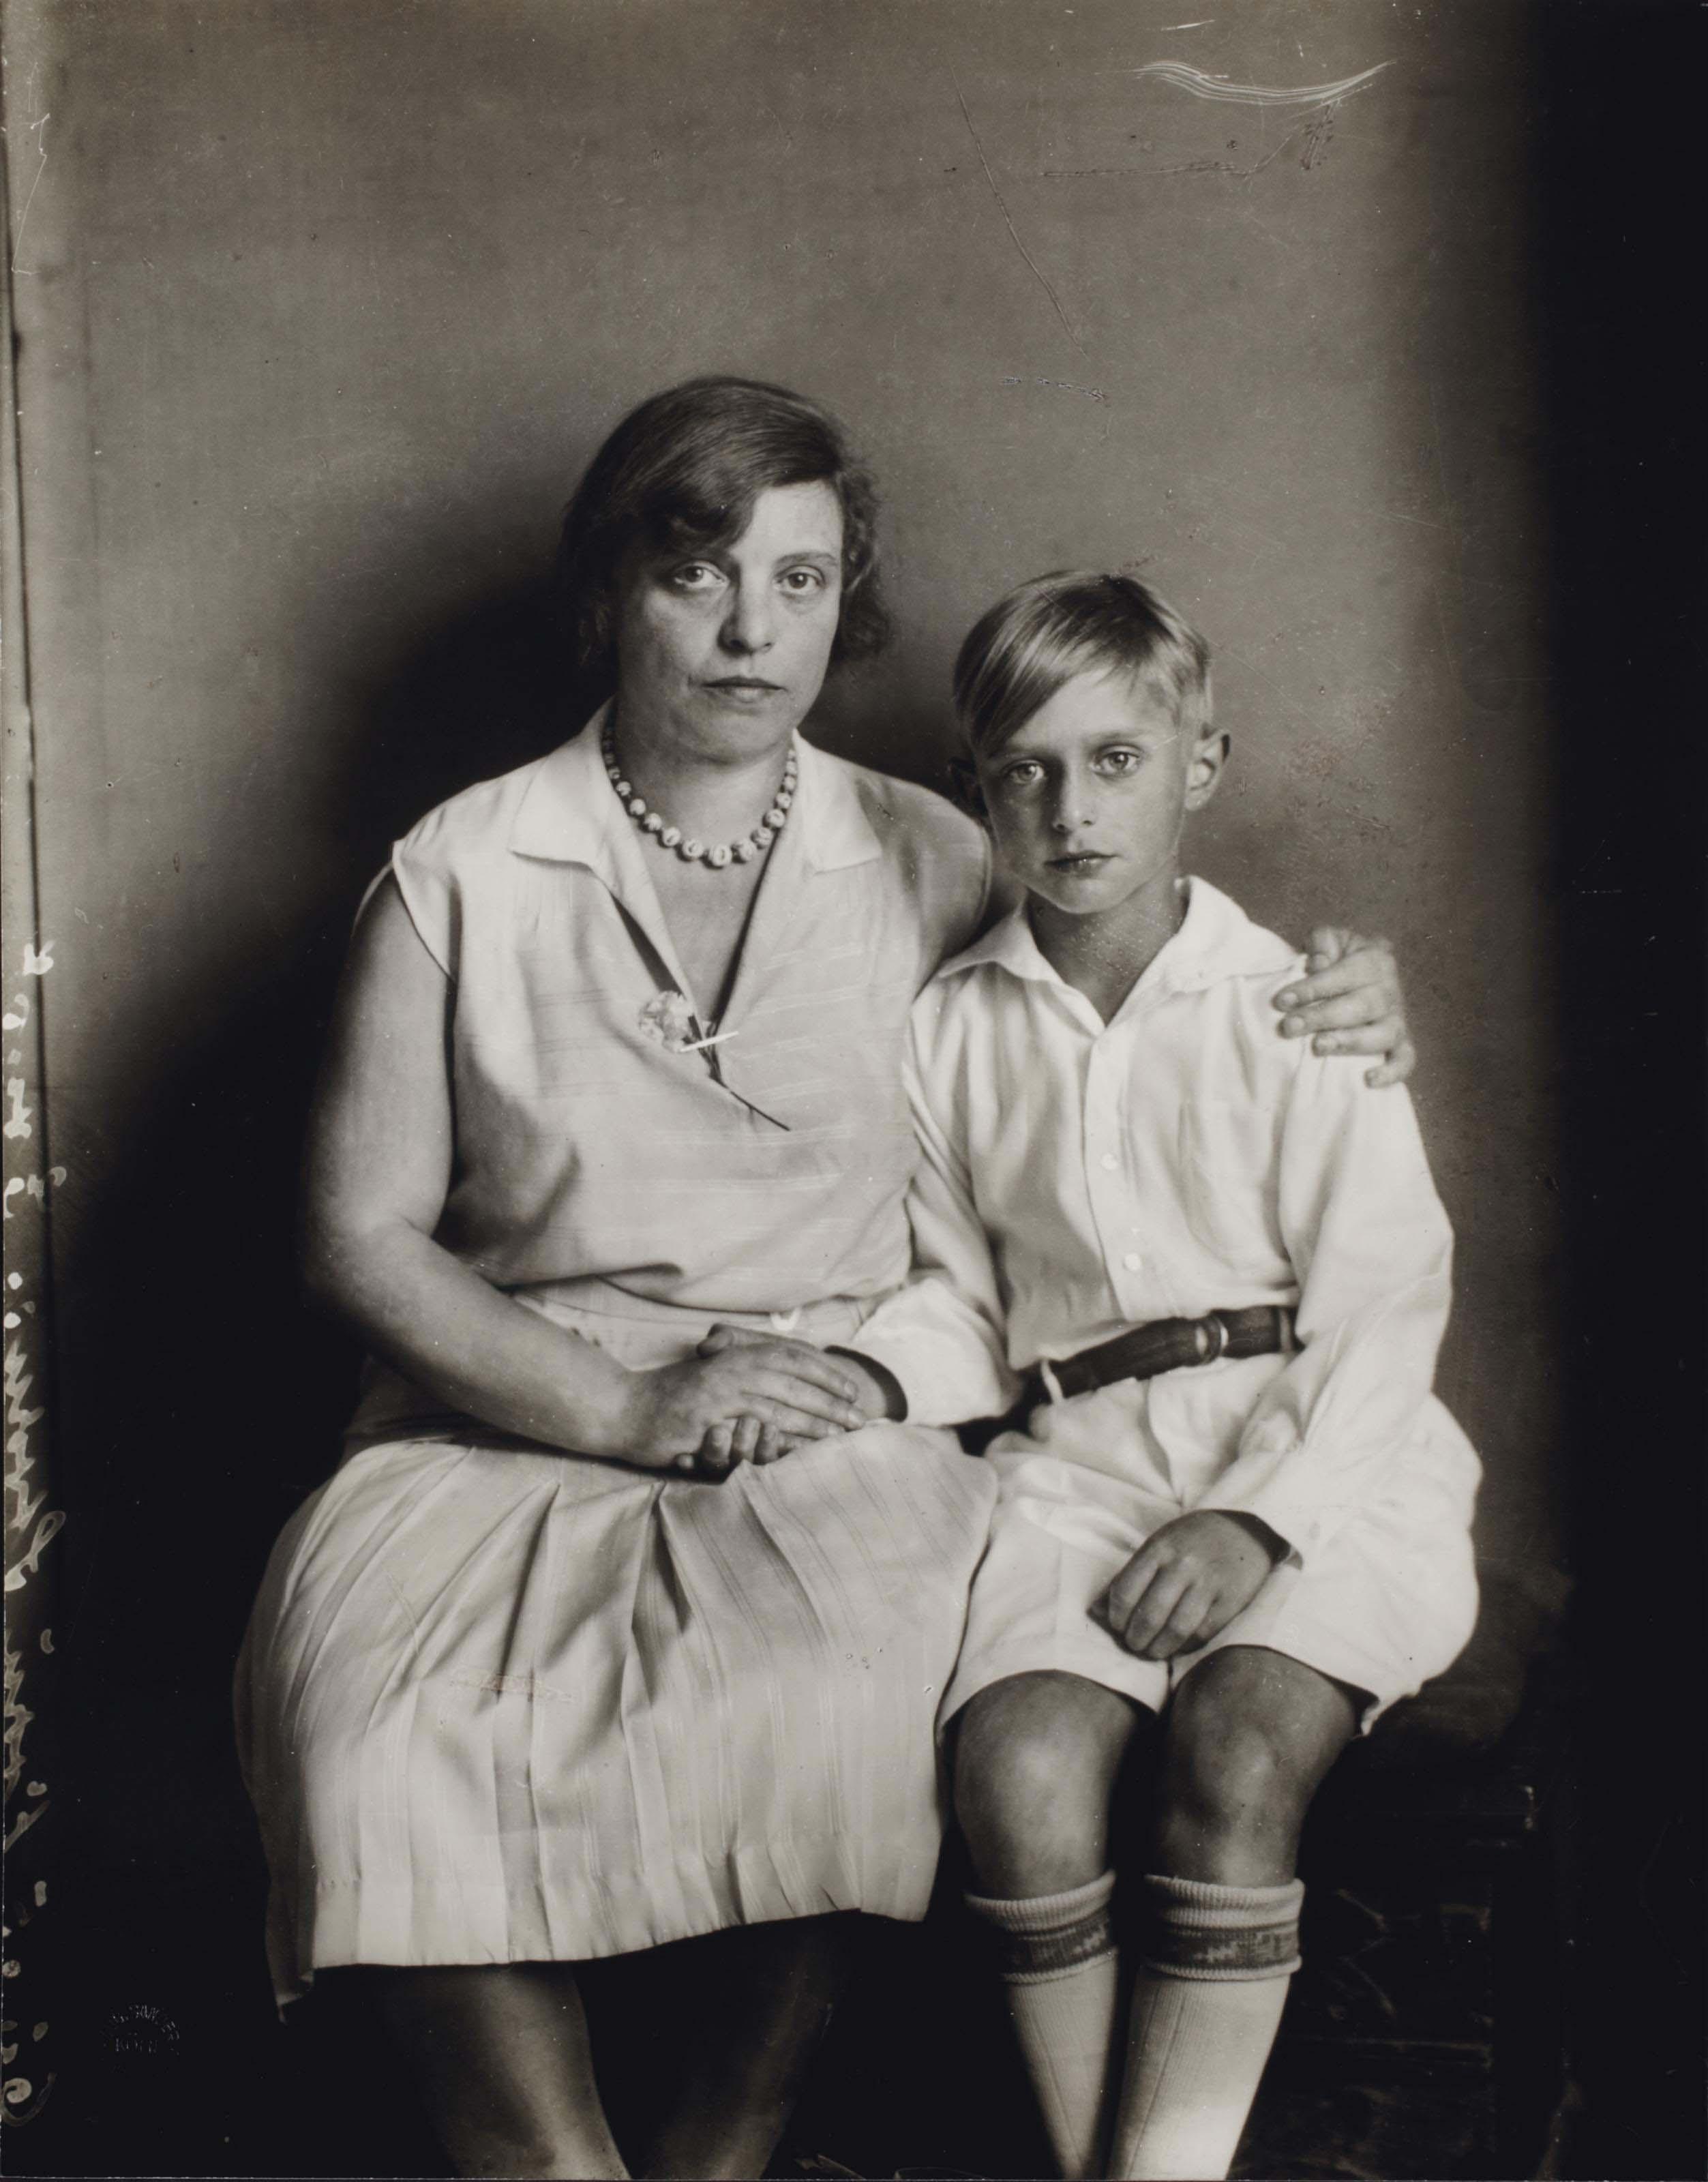 Docteur Lou Strauss-Ernst et son fils Jimmy Ernst, Cologne, 1928